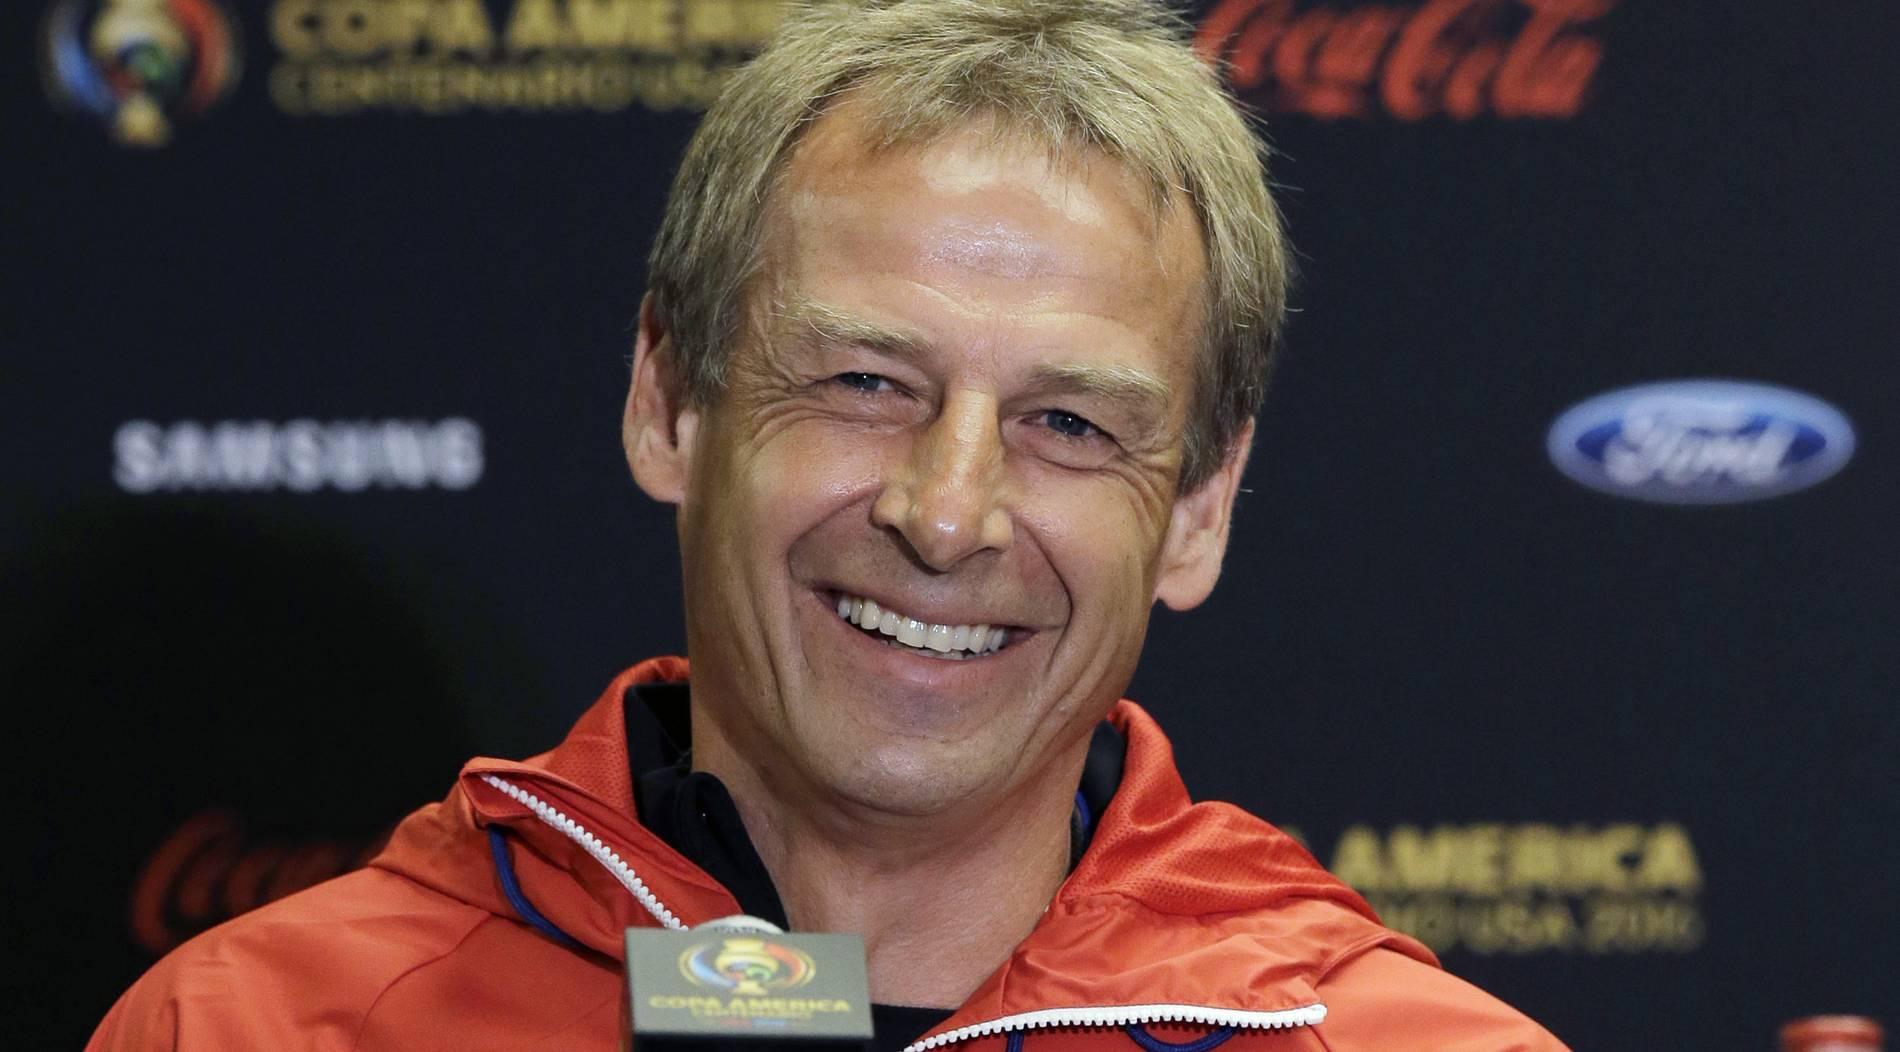 US-Verband zahlte Klinsmann 3,35 Millionen Dollar Abfindung